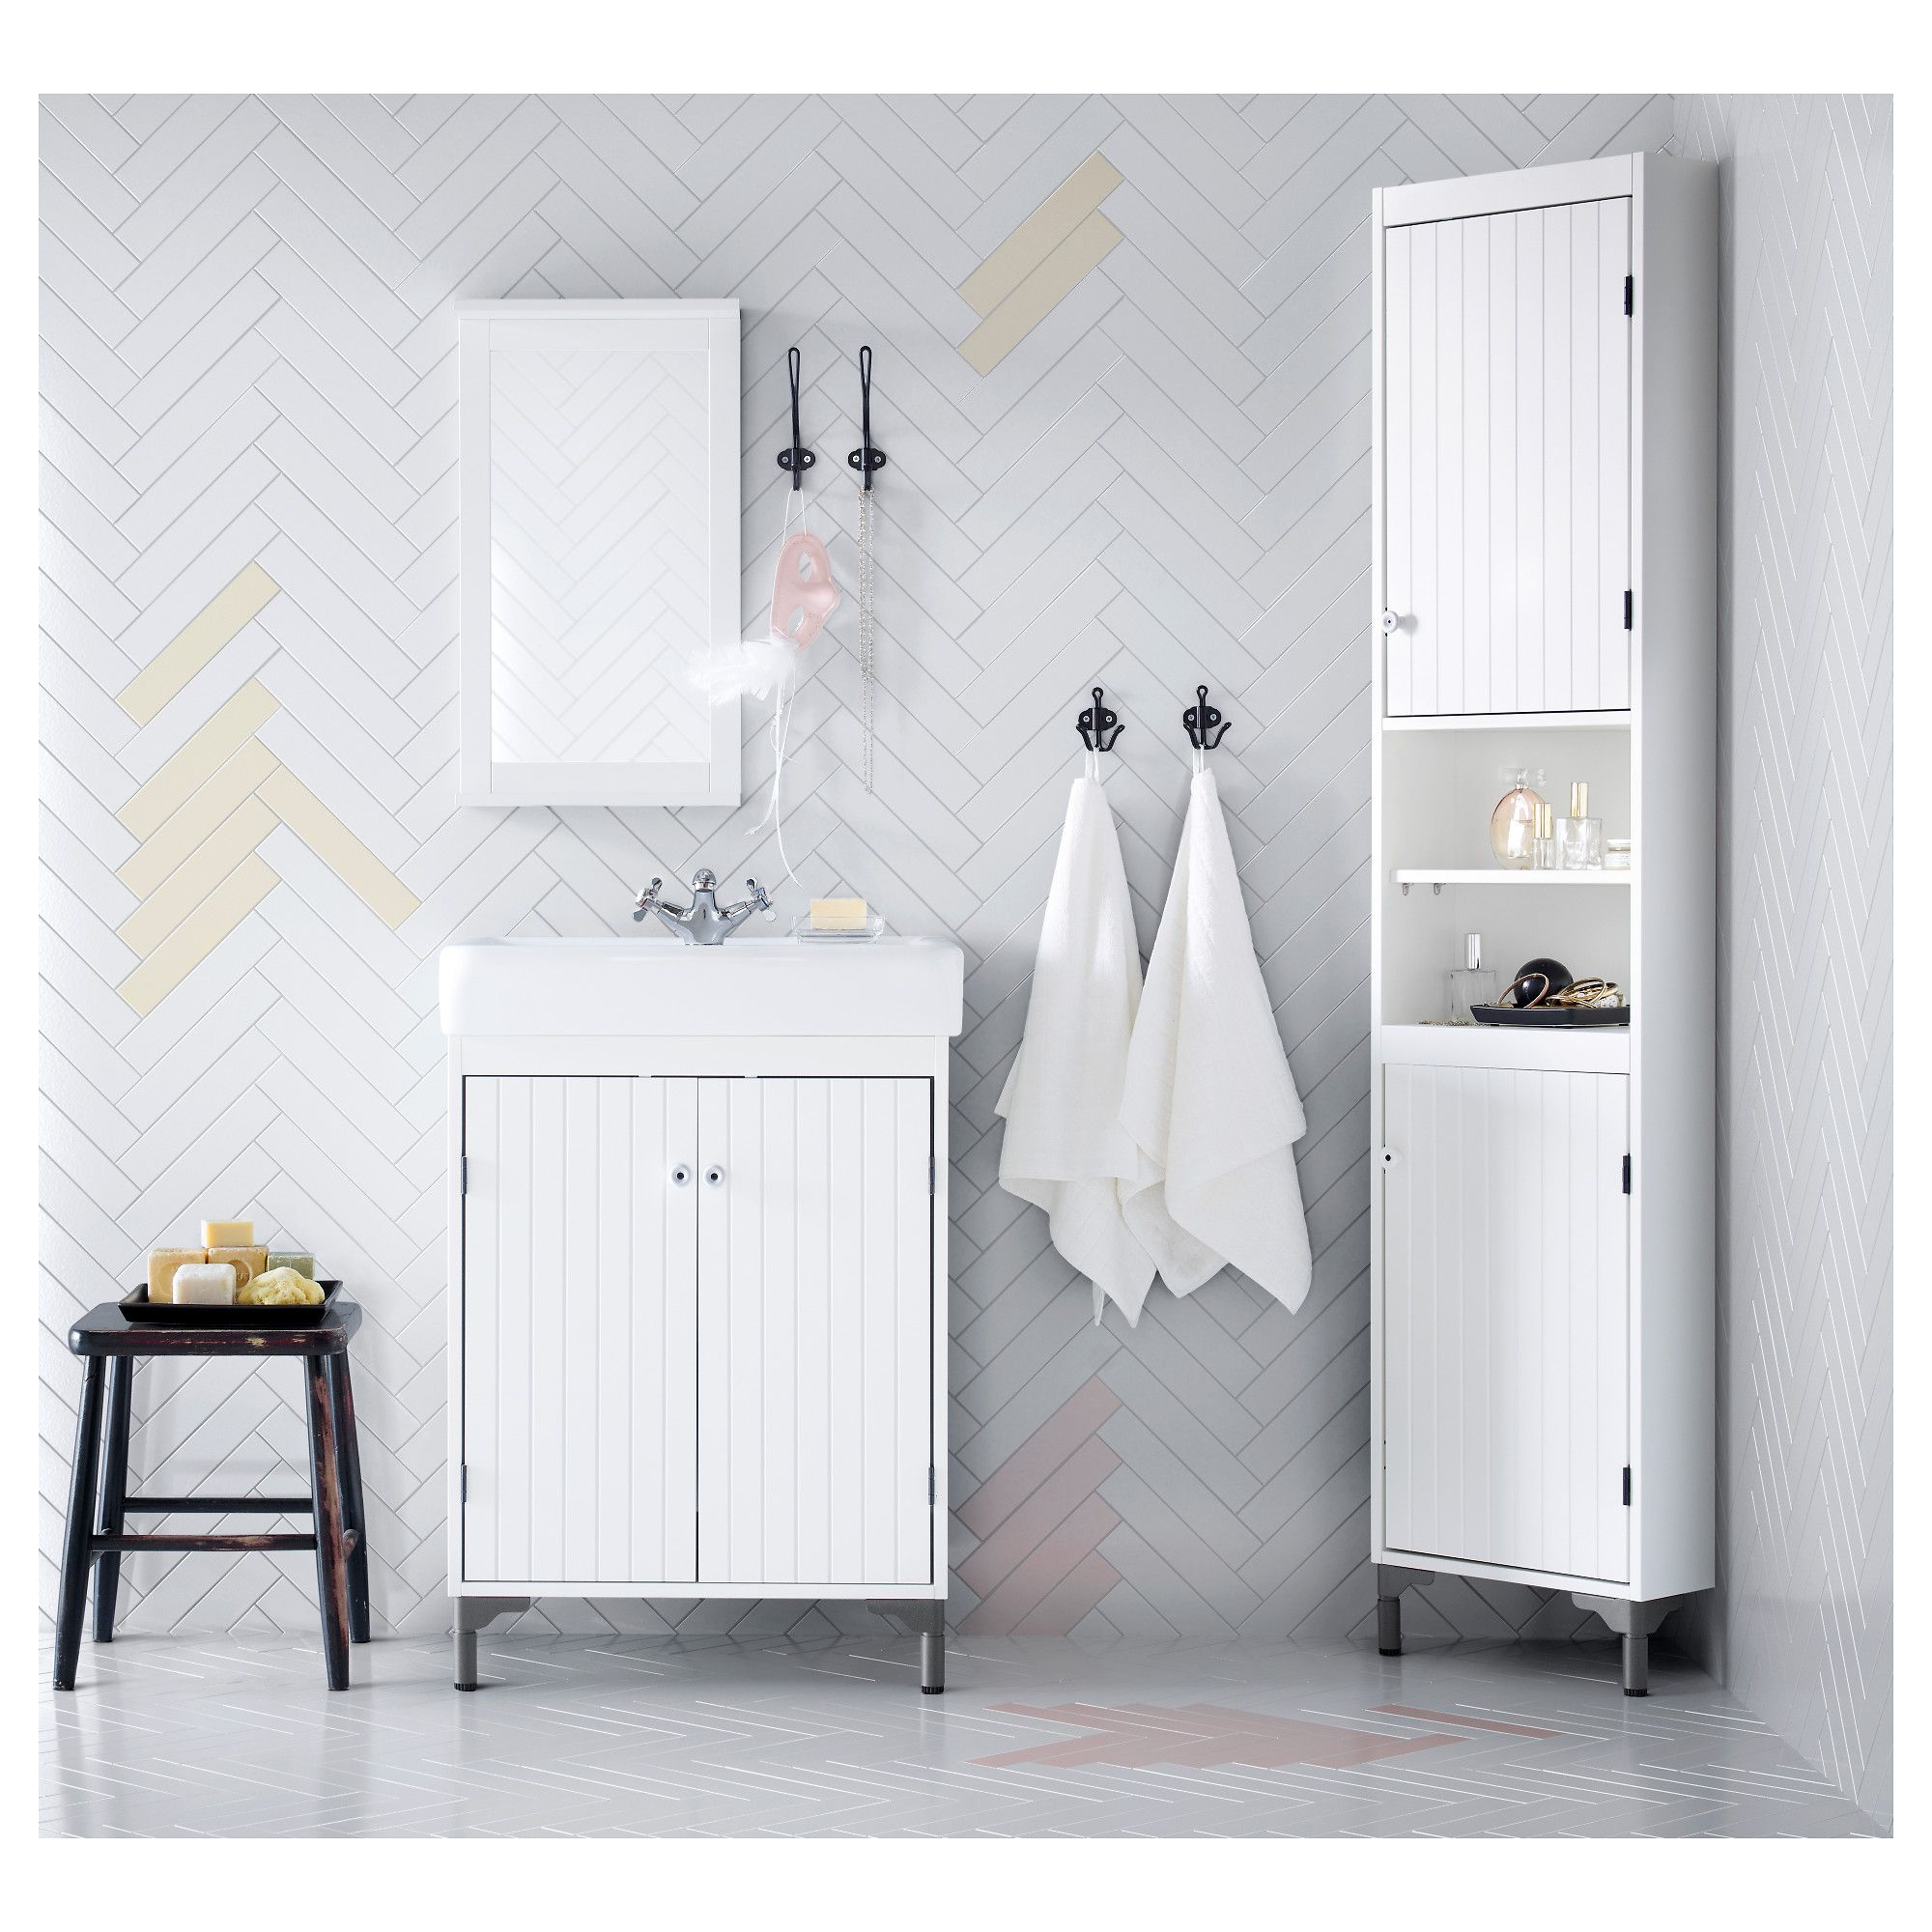 Ikea RunskÄr Bath Faucet With Strainer Chrome Plated